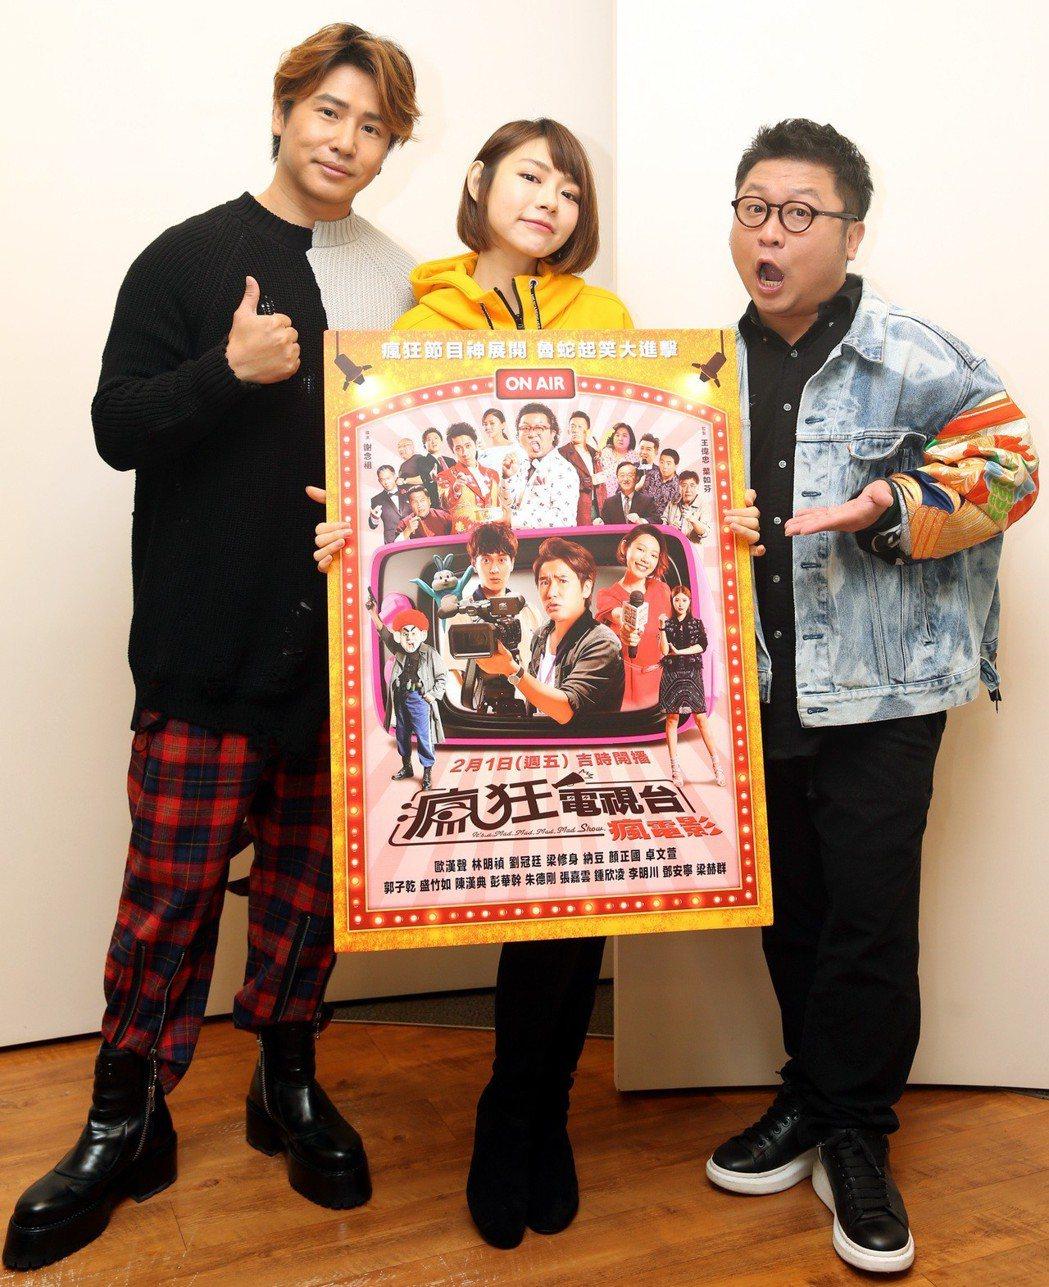 「瘋狂電視台瘋電影」演員歐漢聲(左起)、林明禎與納豆。記者侯永全/攝影